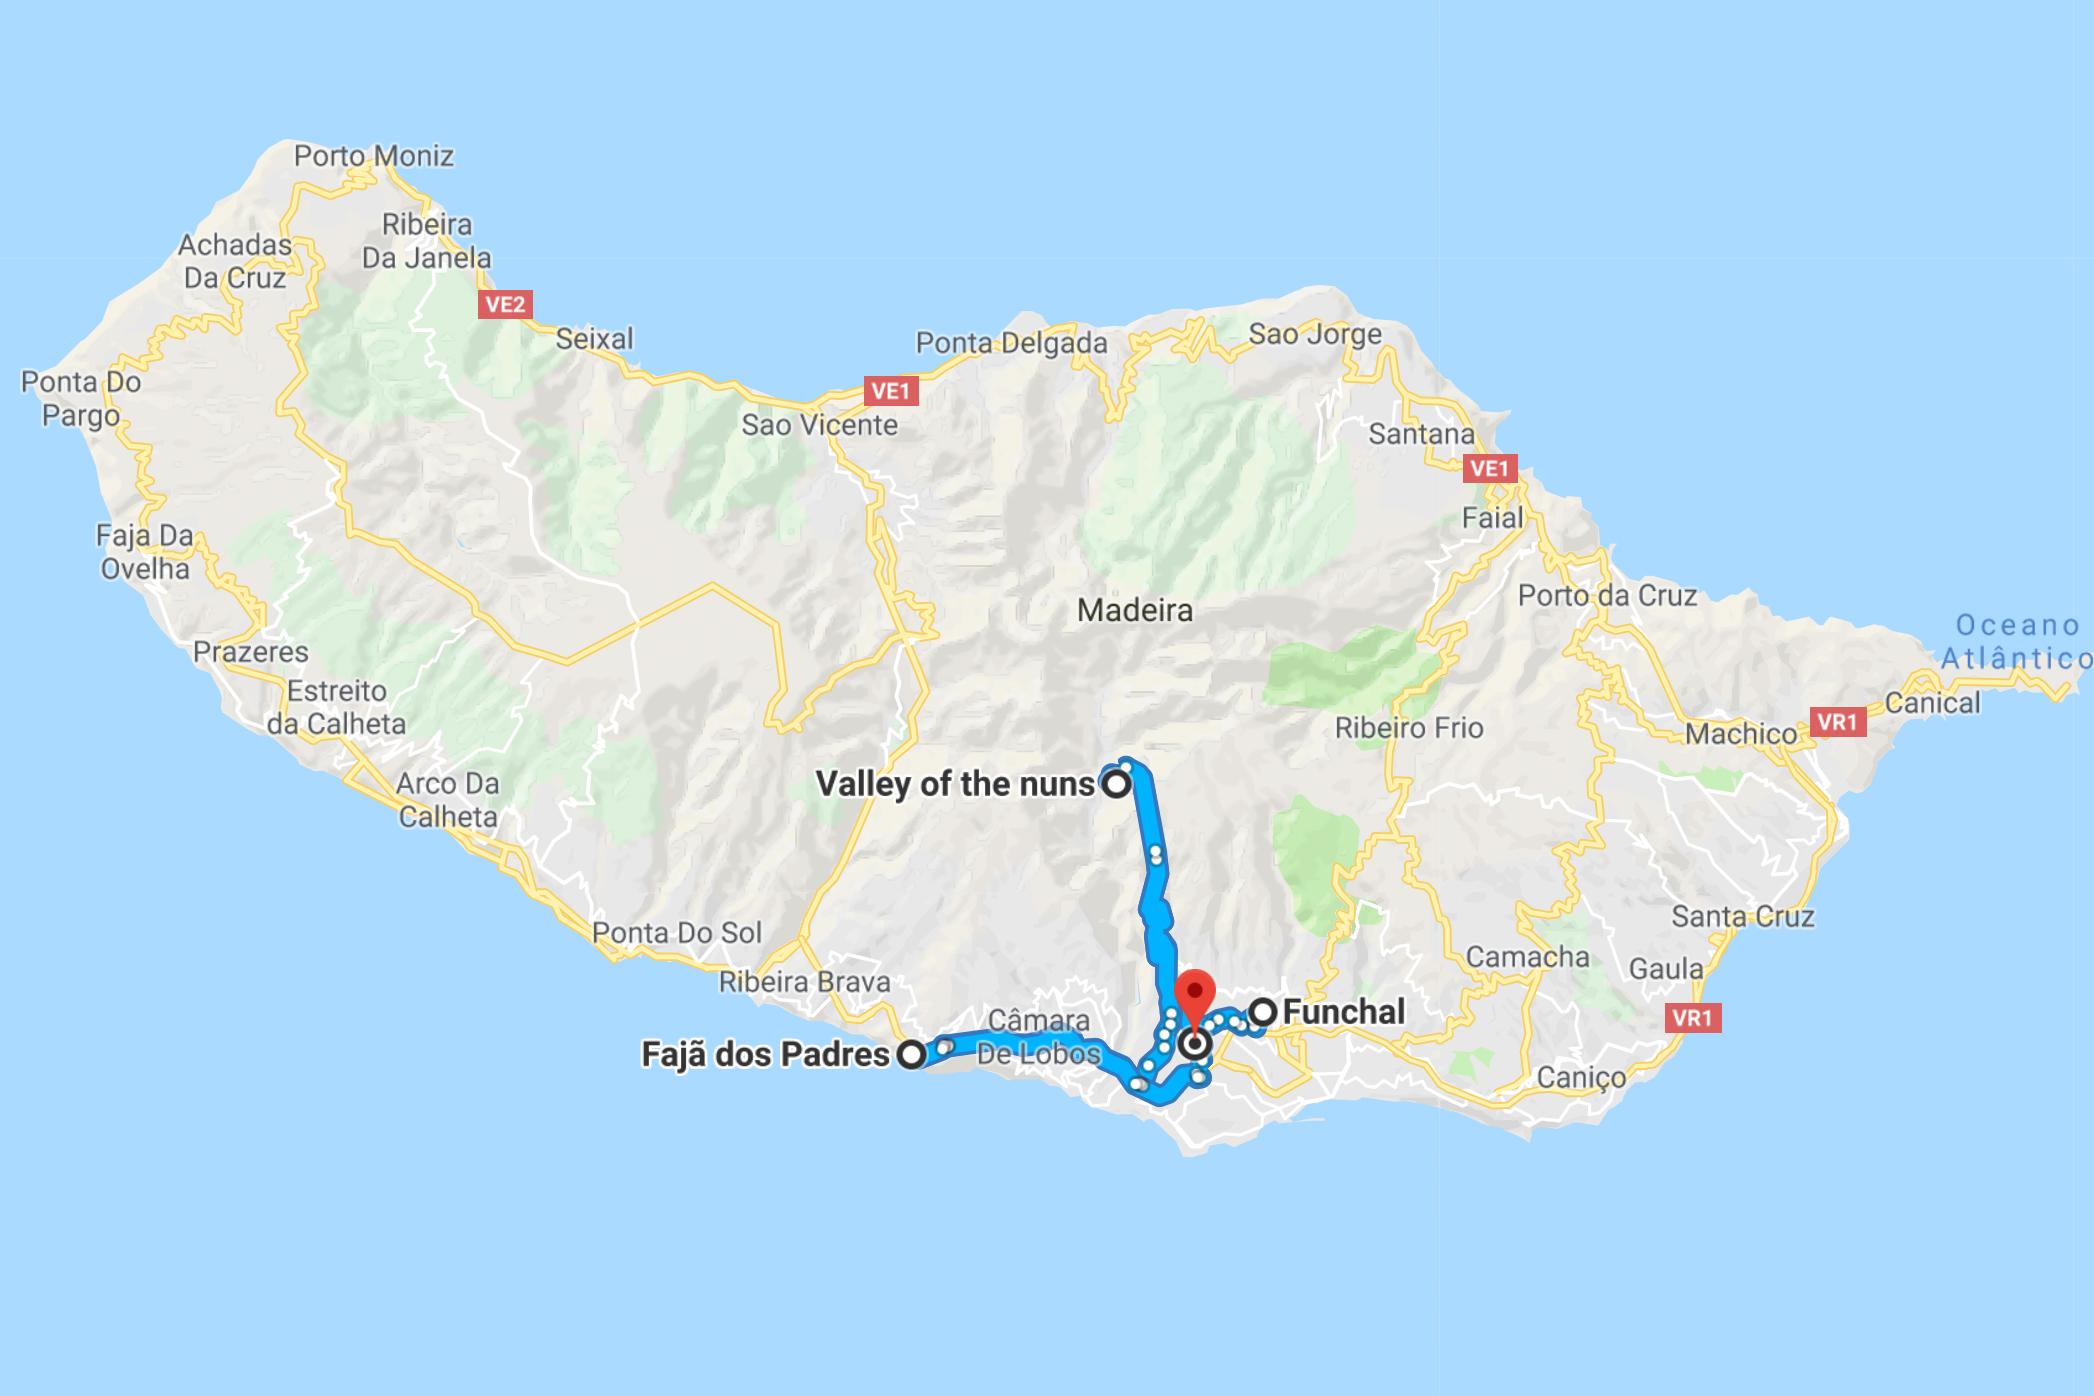 карта-оф-Мадейра-google-карты